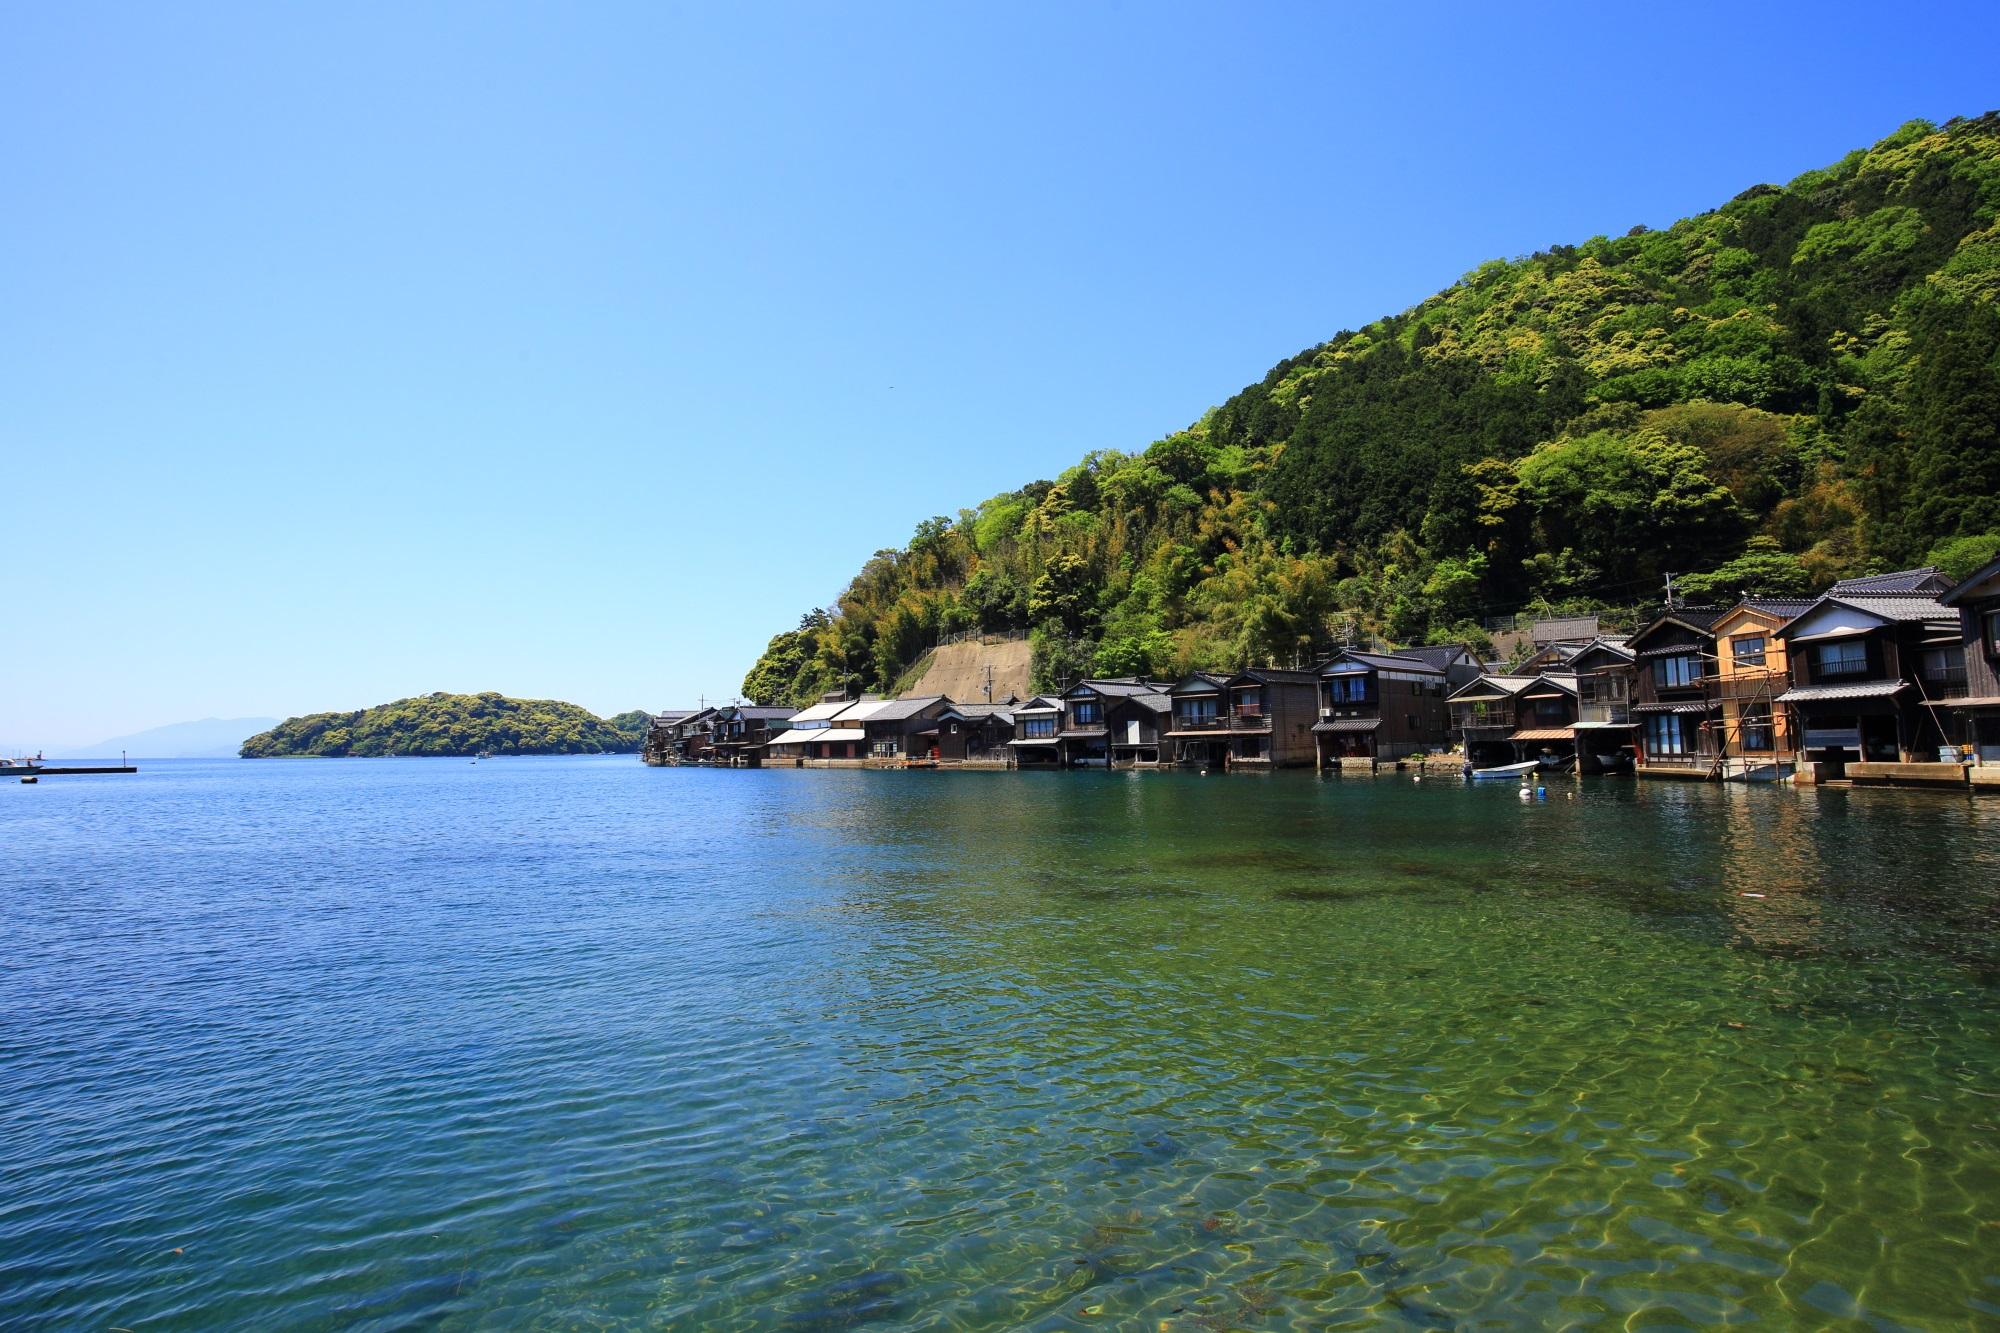 伊根町日出の遊覧船乗り場周辺の舟屋がいっぱいの舟屋群